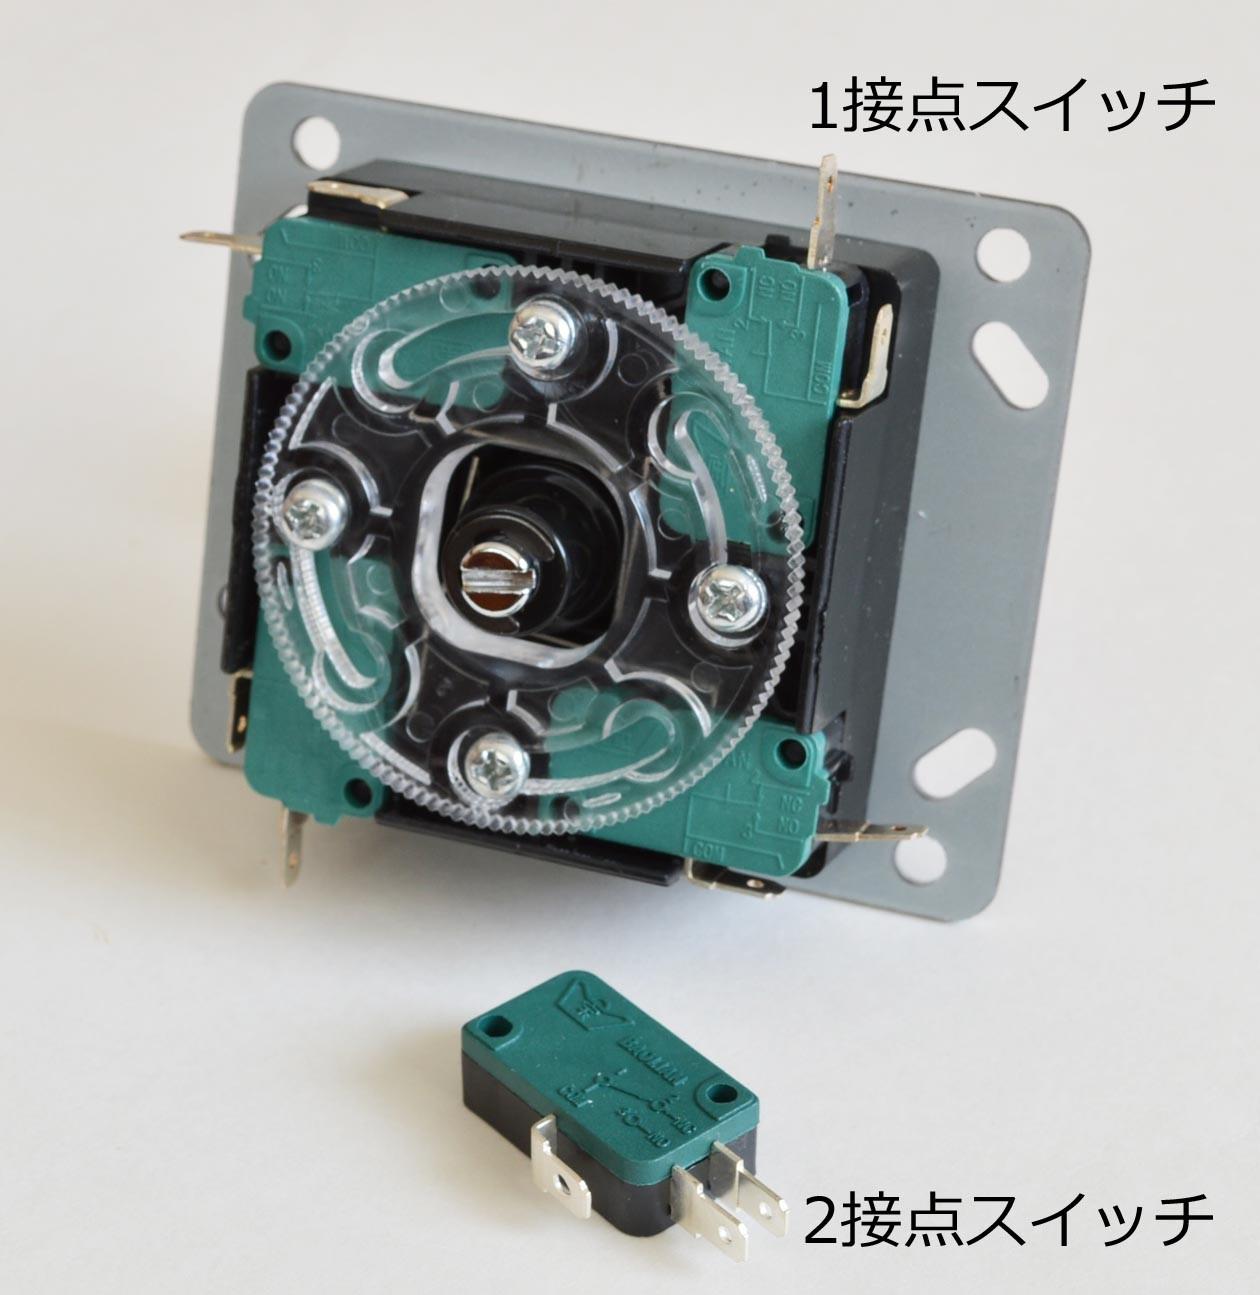 「ダブルモータ制御ジョイスティック有線リモコン」